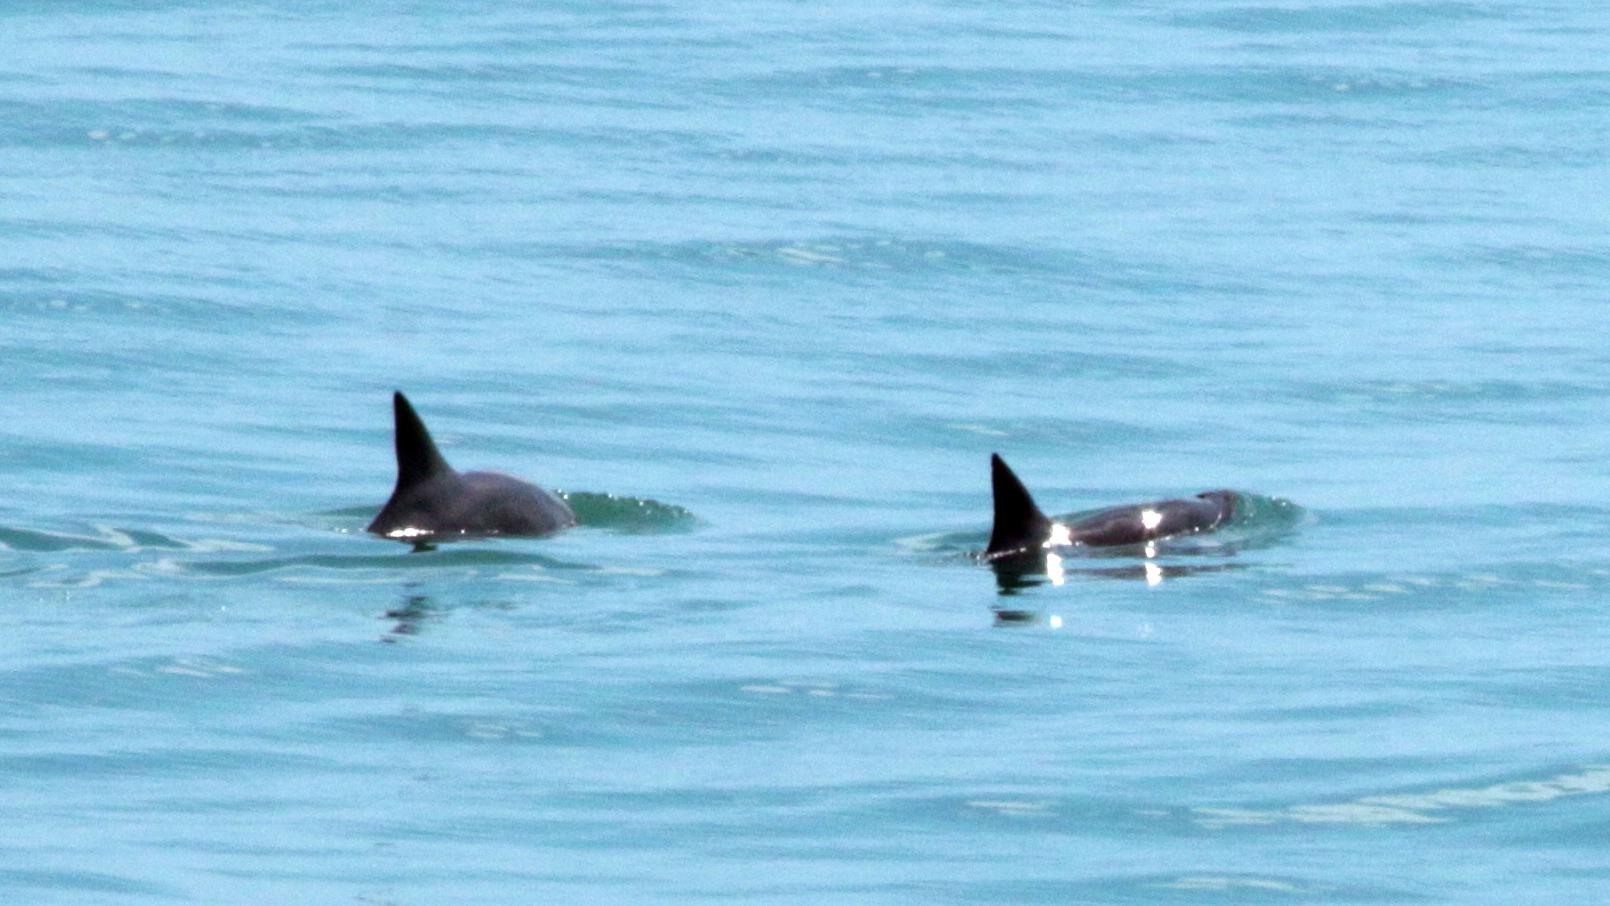 La organización ambientalista Sea Sheperd grabó un video que muestra especímenes de la vaquita marina, la marsopa más pequeña del mundo.